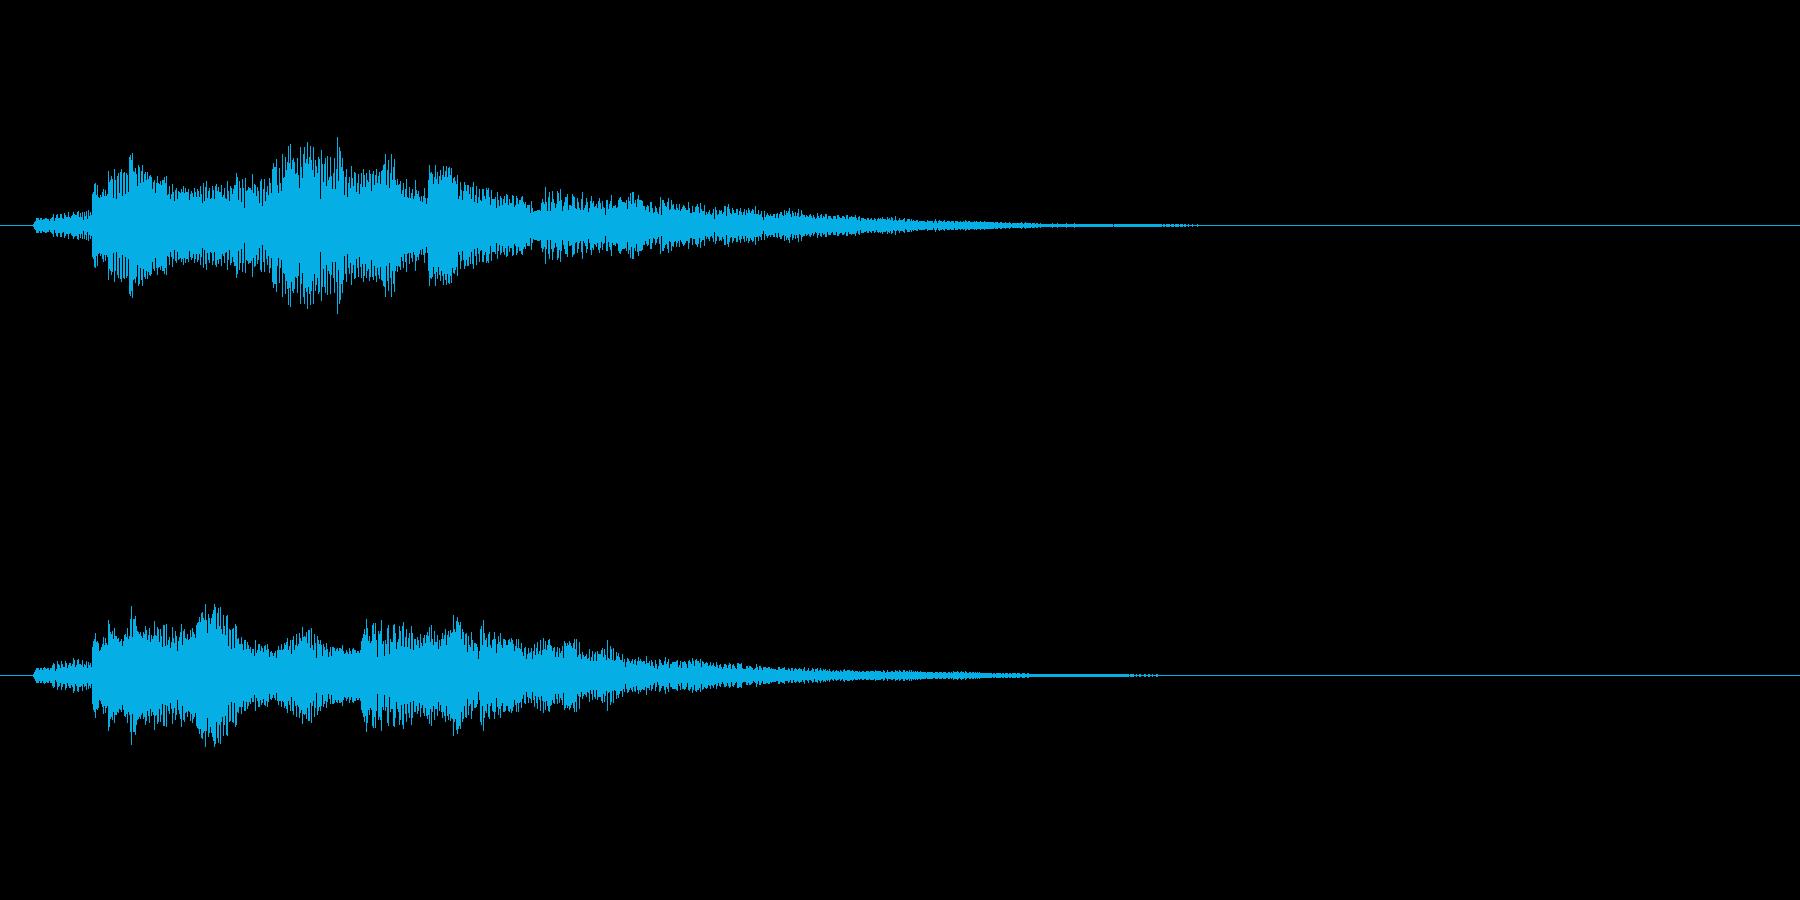 爽やかなギターサウンドロゴ の再生済みの波形